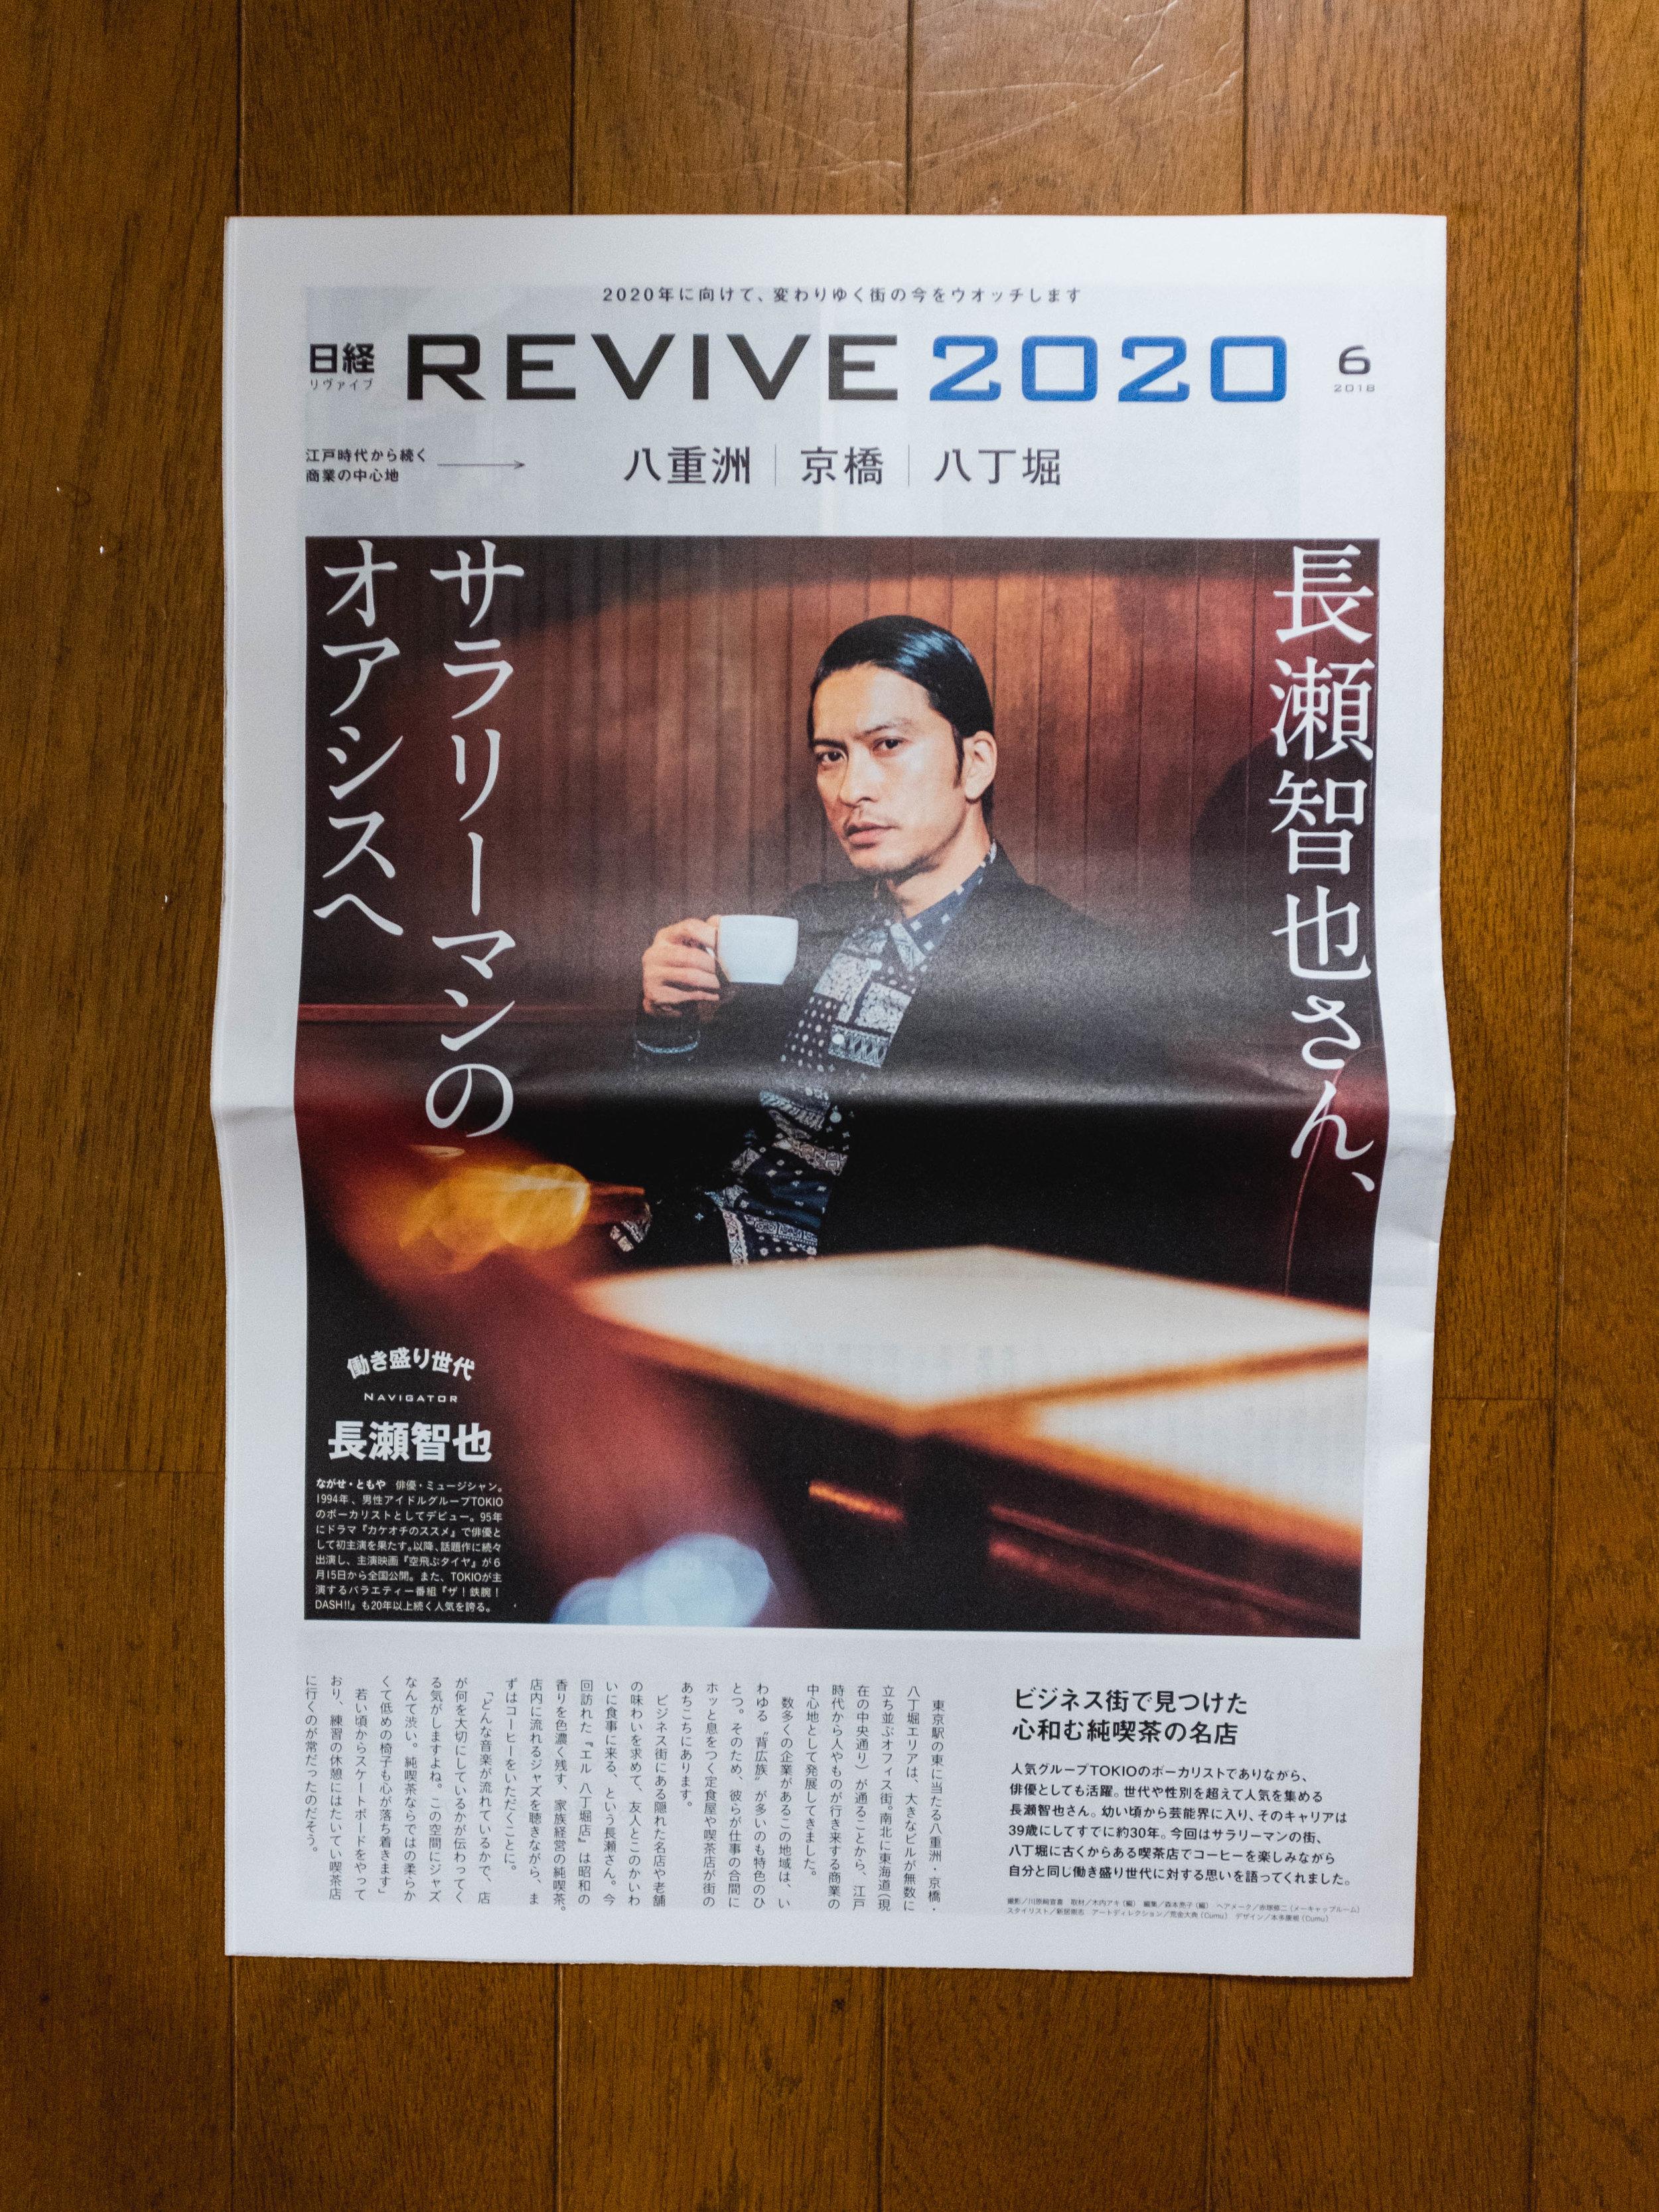 日経REVIVE2020,6月号表紙、中面にて長瀬智也さん撮影させていただいております。